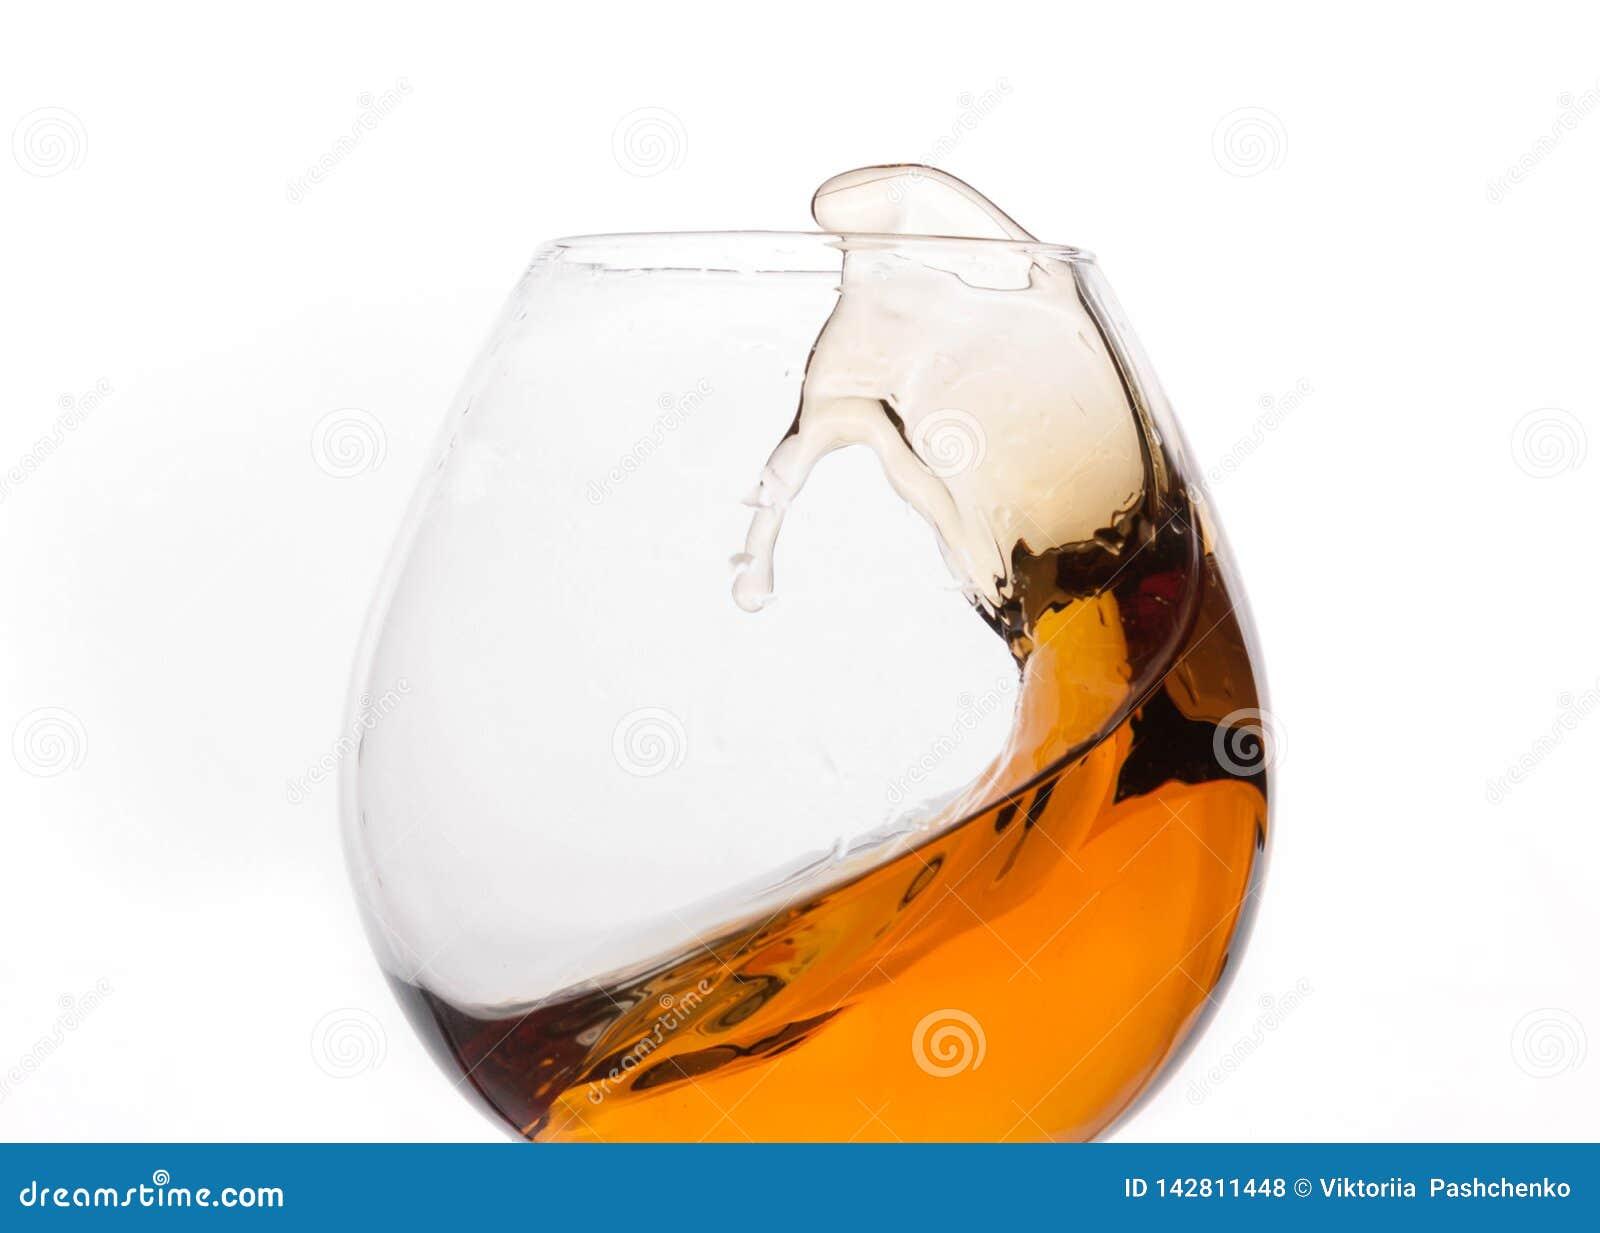 Ciérrese para arriba de chapoteo del whisky marrón en vidrio transparente